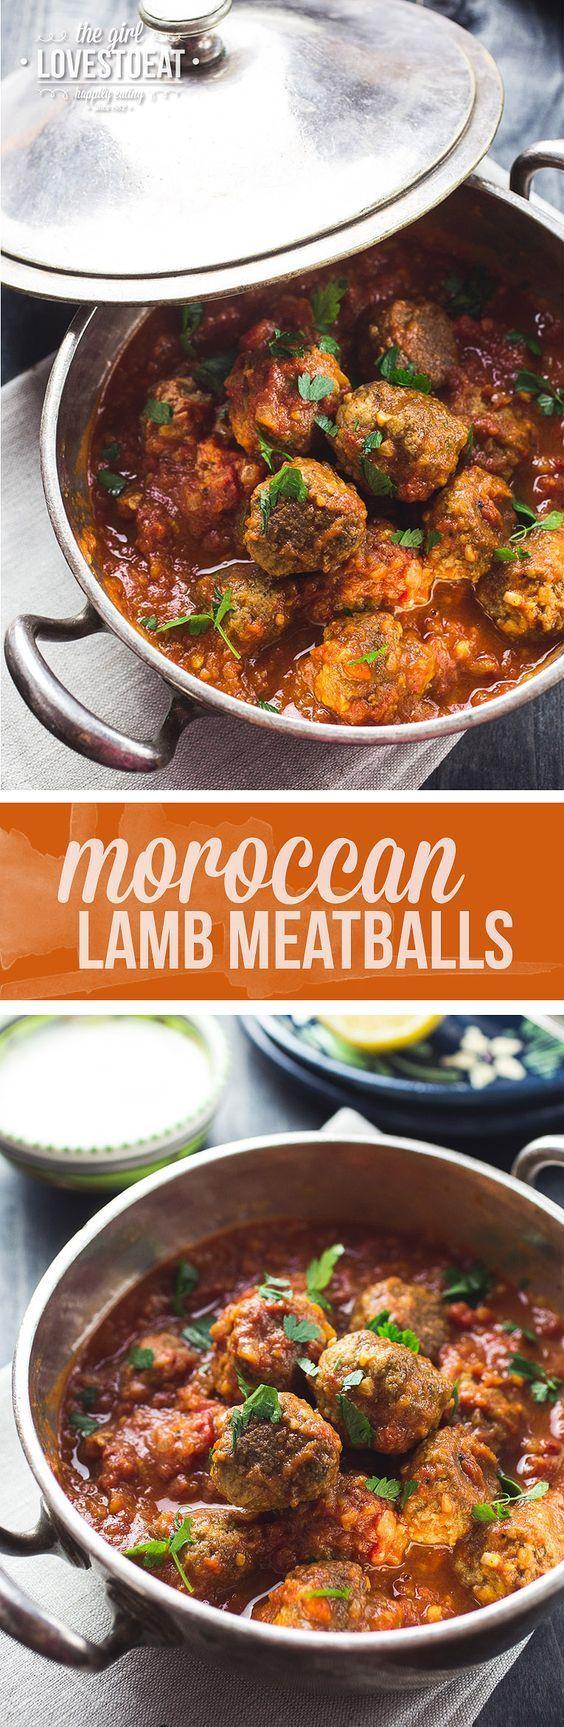 Moroccan Lamb Meatballs { thegirllovestoeat.com }